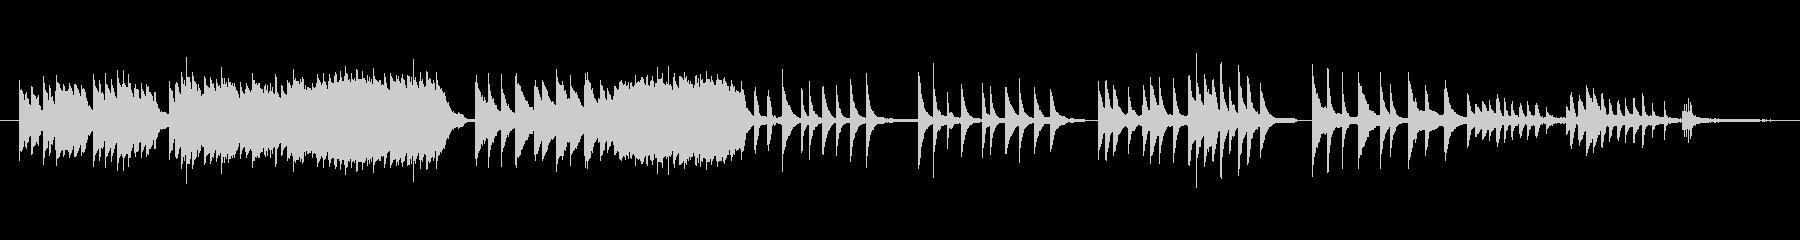 童謡『故郷』を優しくピアノソロでの未再生の波形